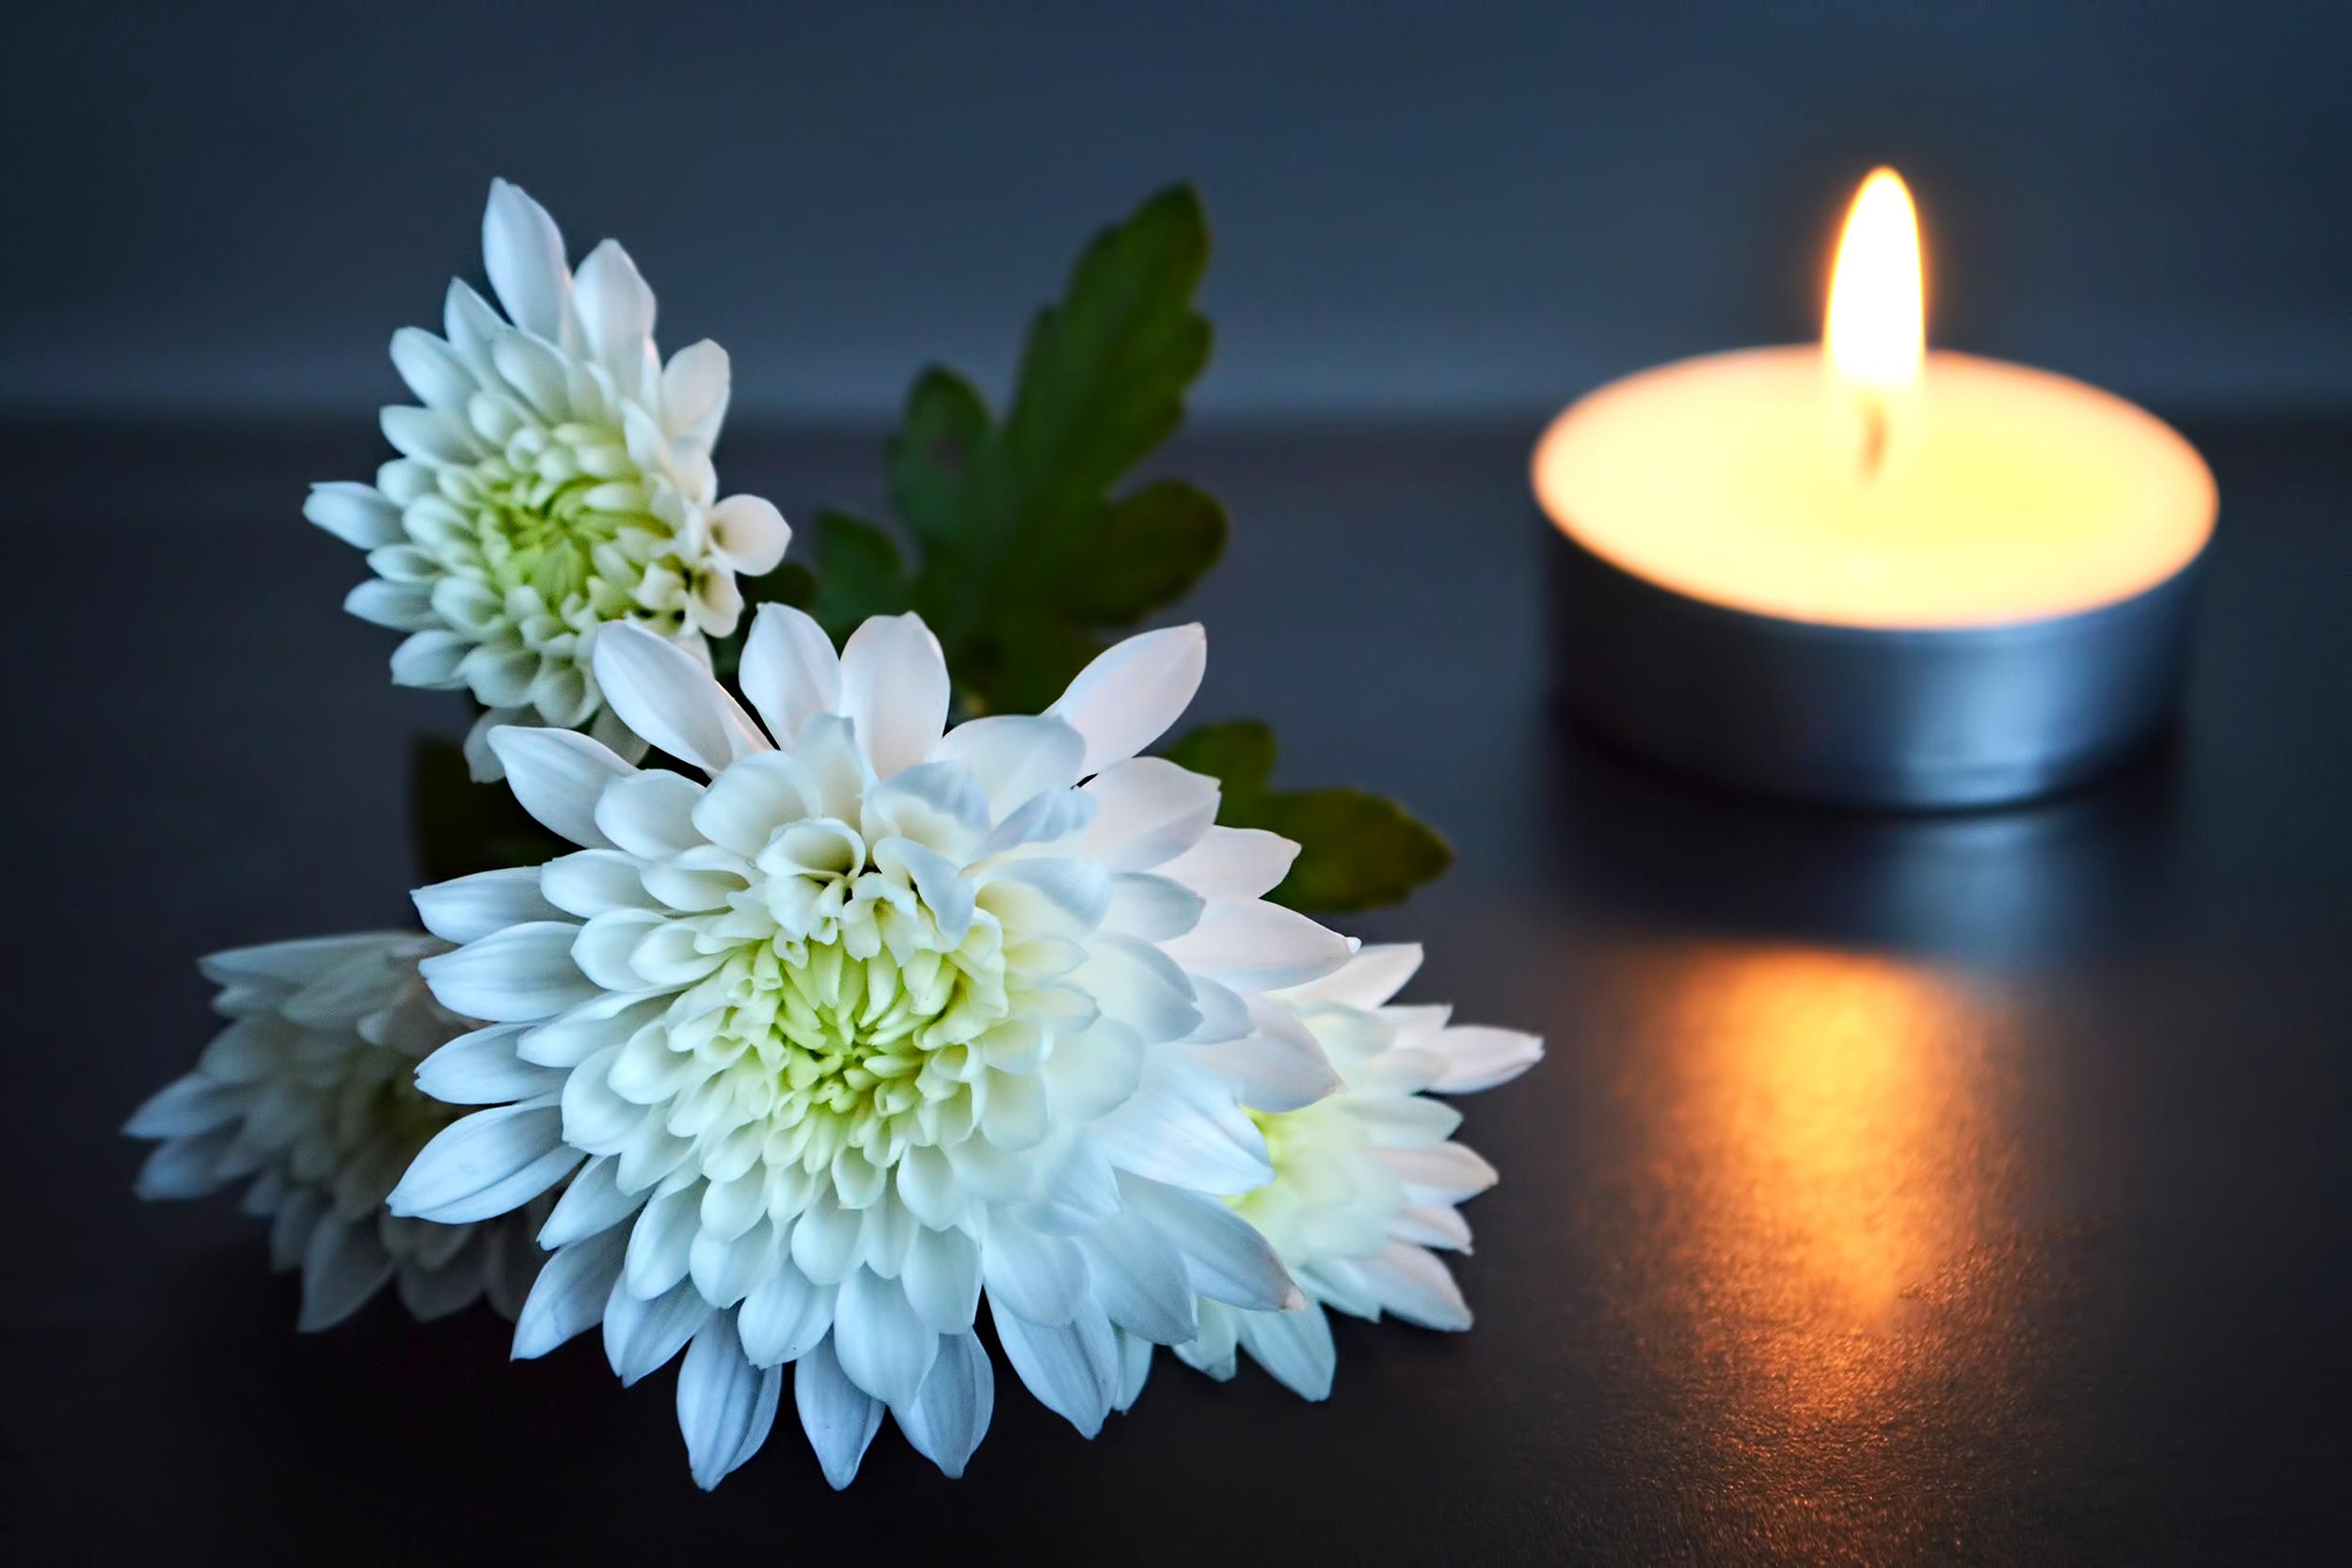 Velas e flores - como homenagear quem já se foi em seu casamento